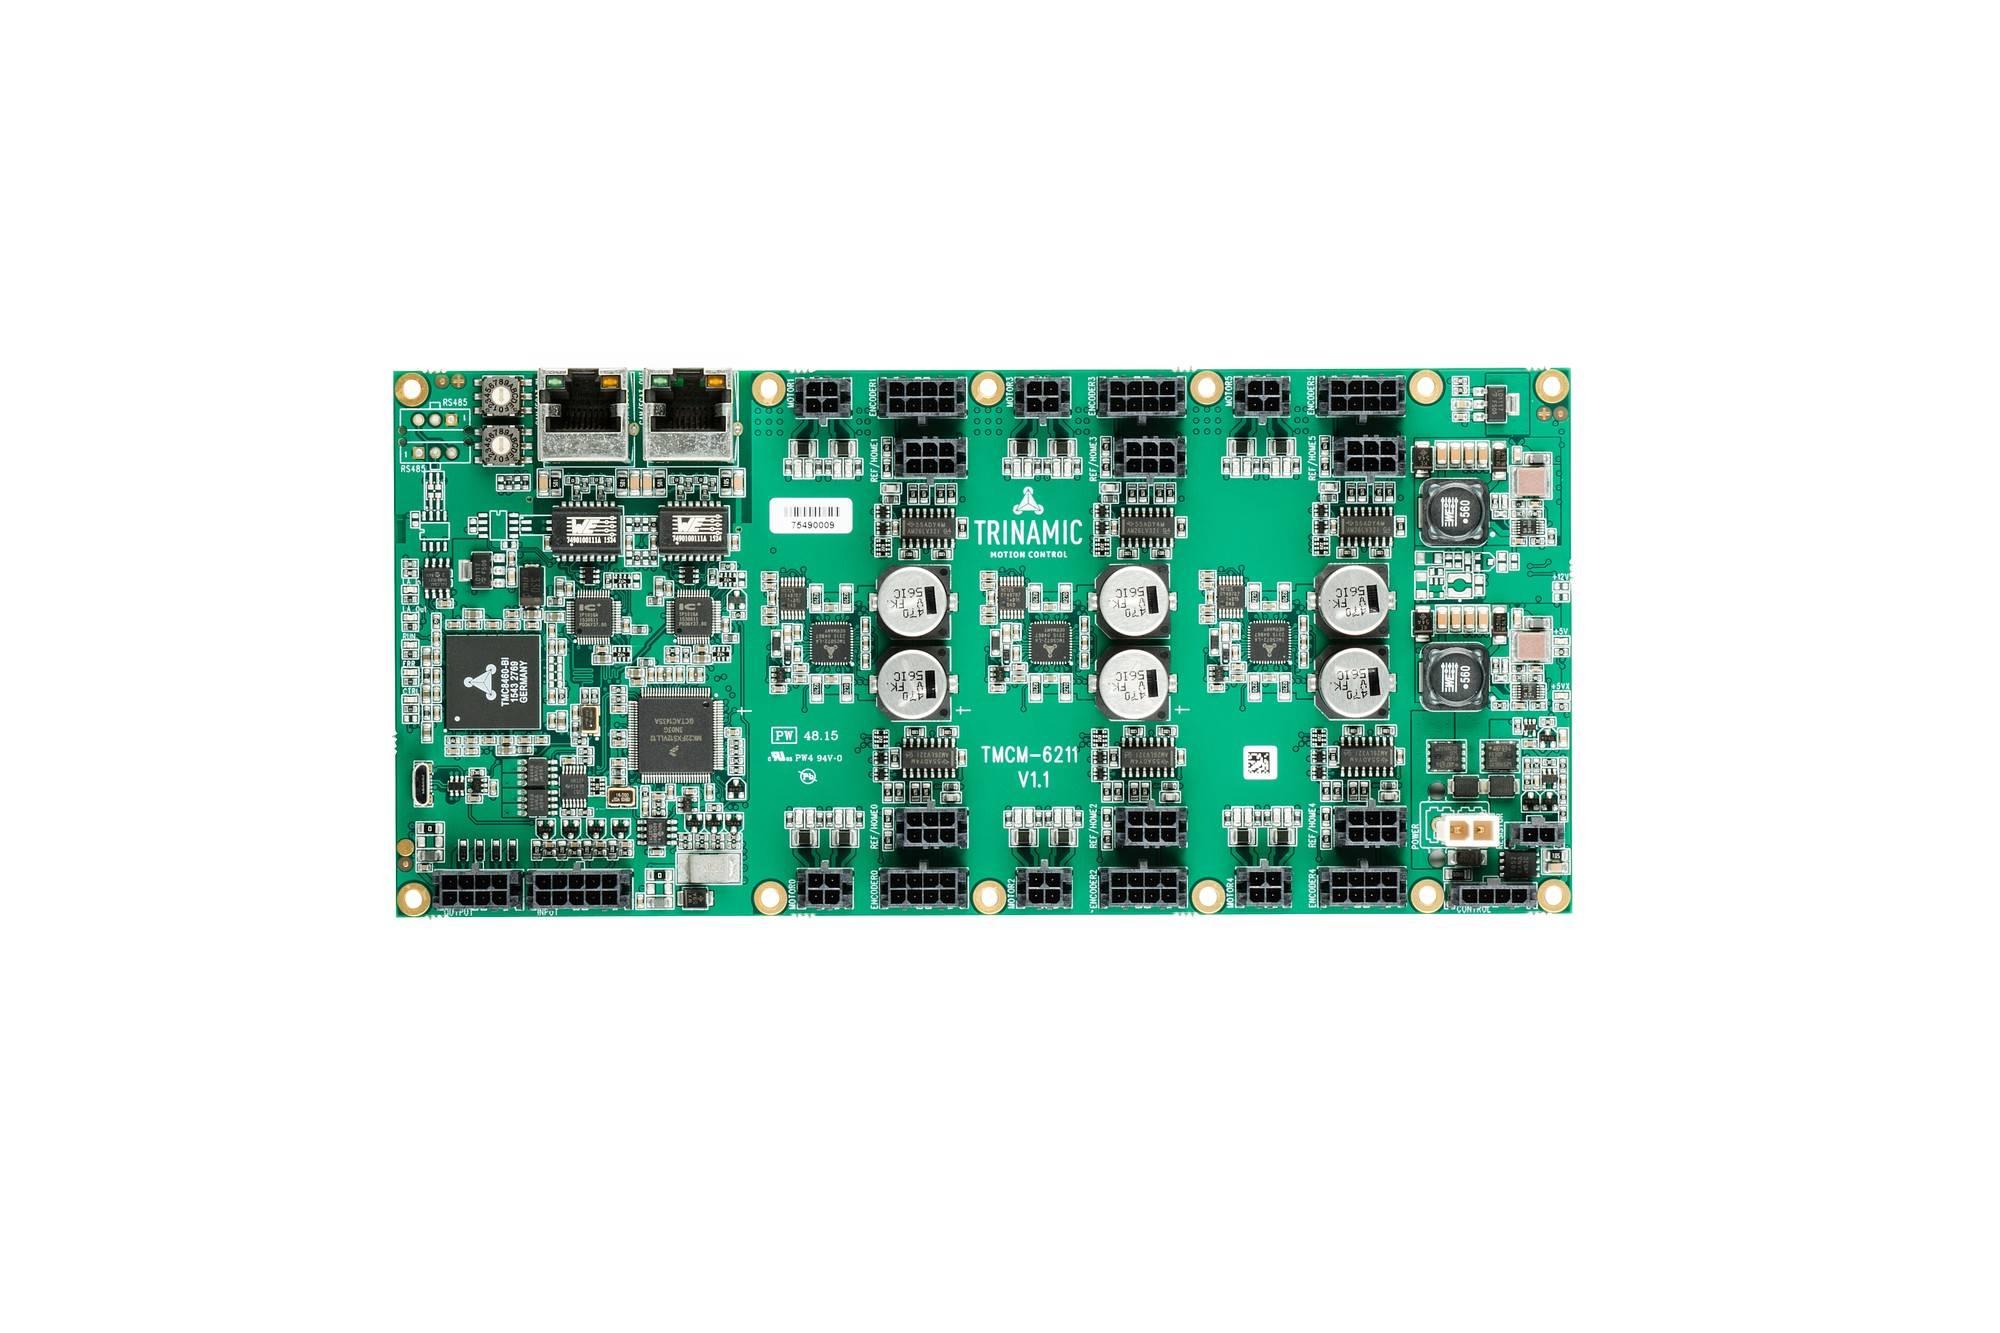 TMCM-6211